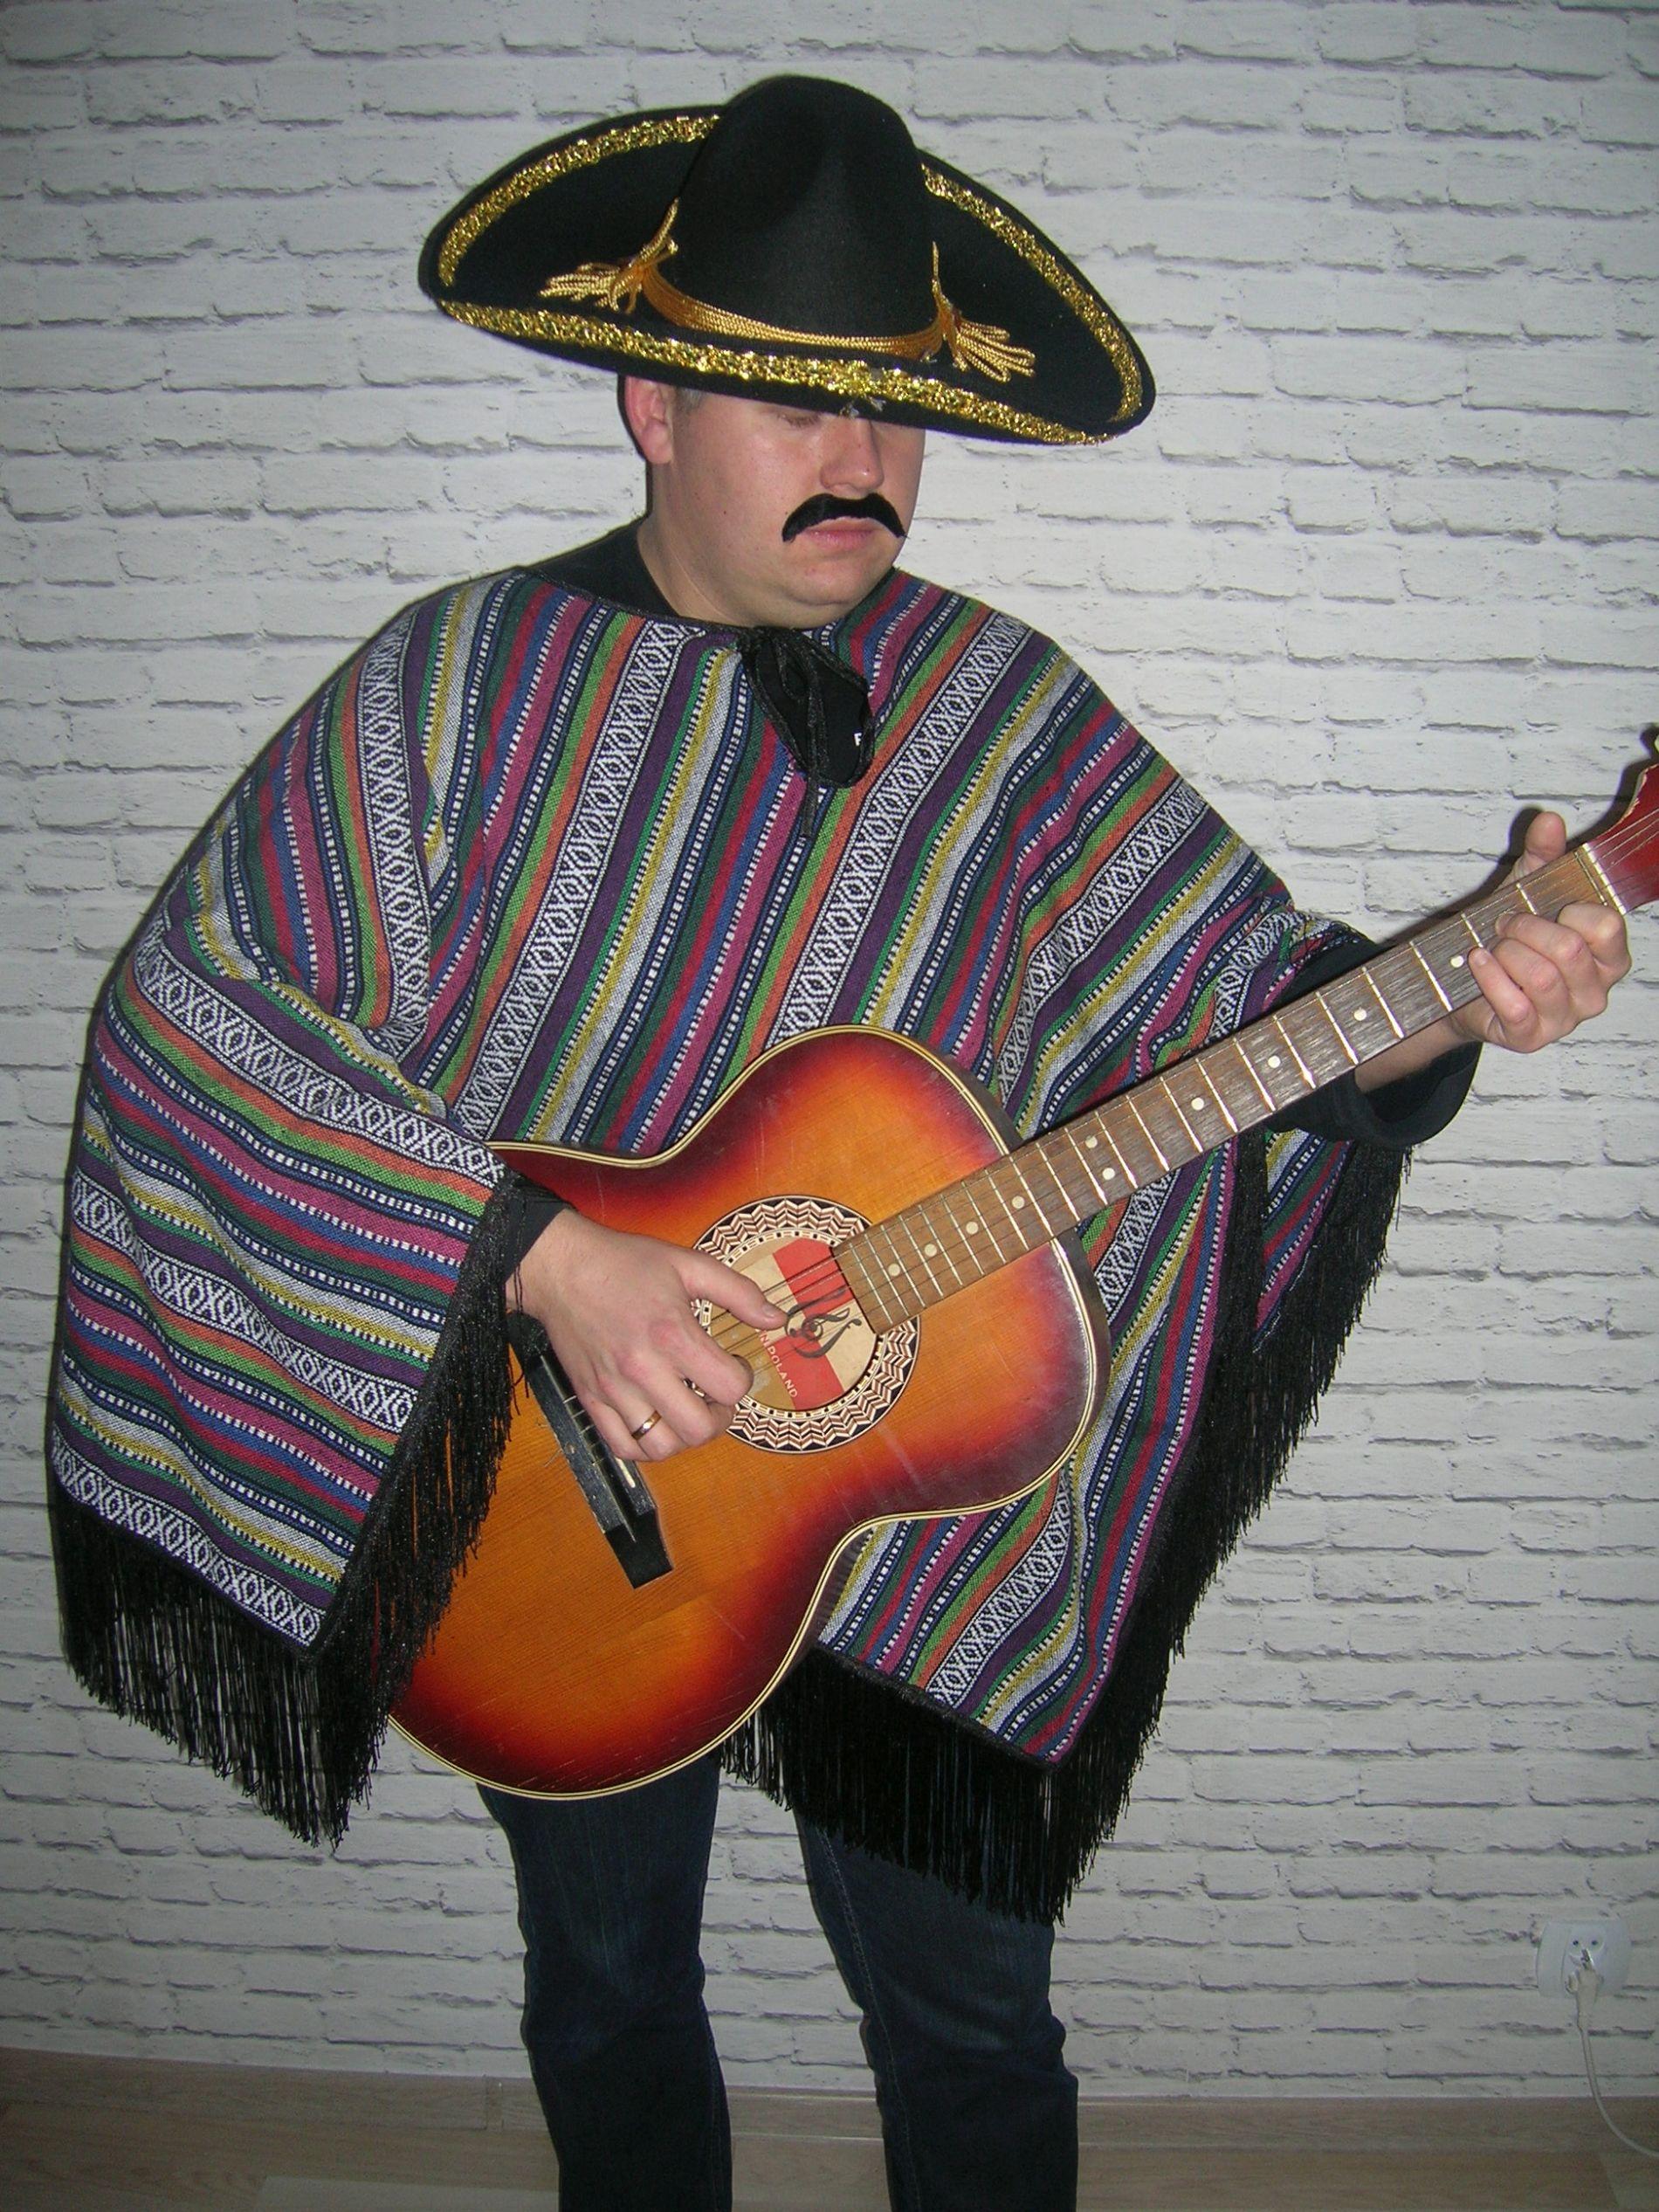 Meksykanin3